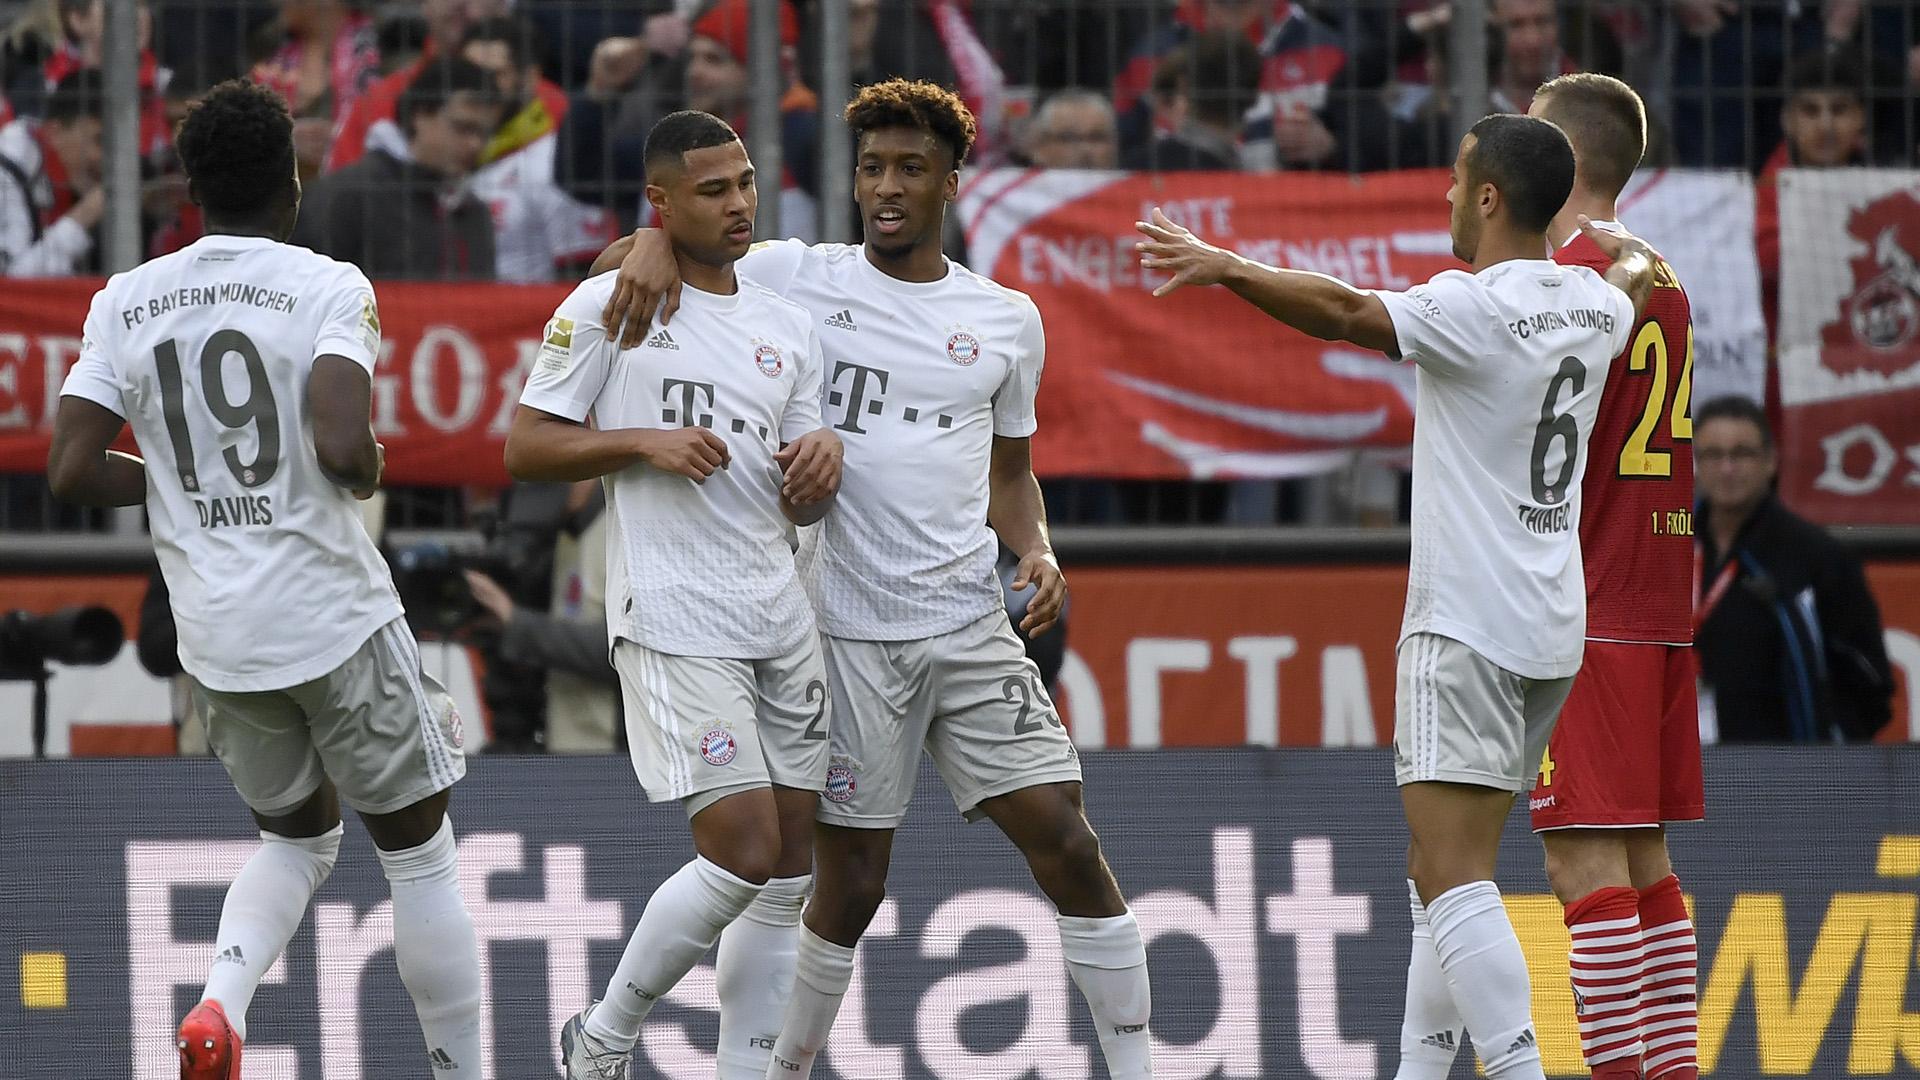 Cologne-Munich (1-4) - Le Bayern en mode rouleau compresseur